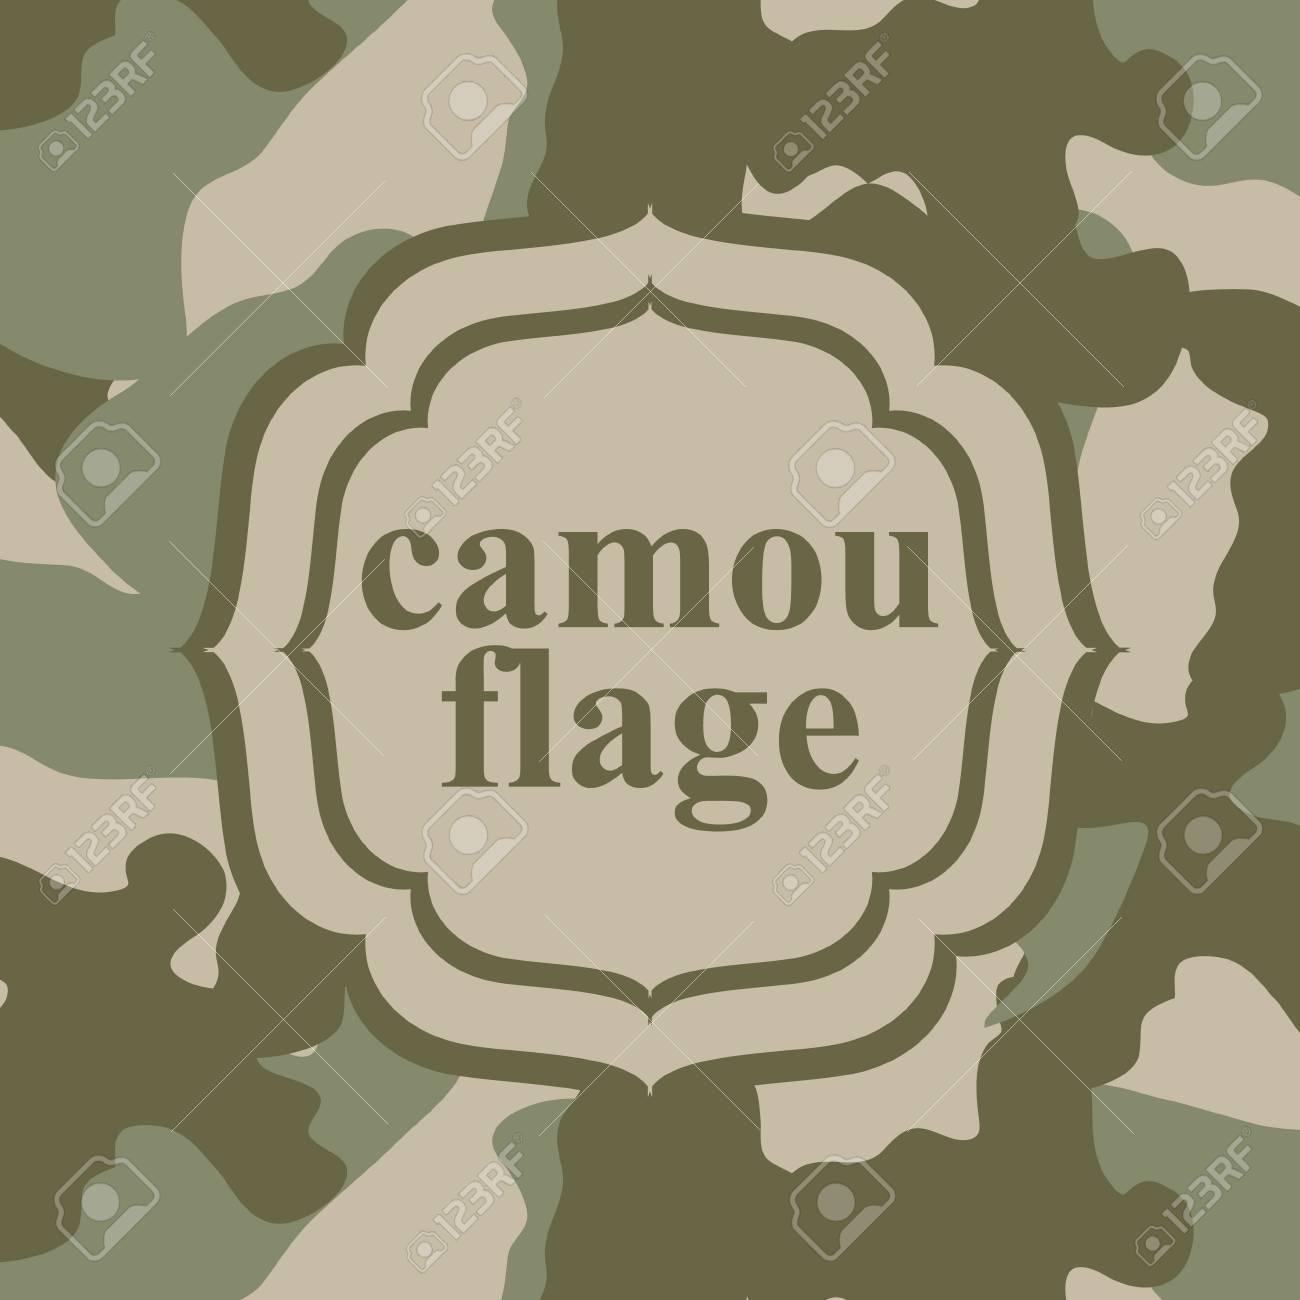 Camouflage-Muster Mit Vintage-Rahmen. Militär Stil Hintergrund ...